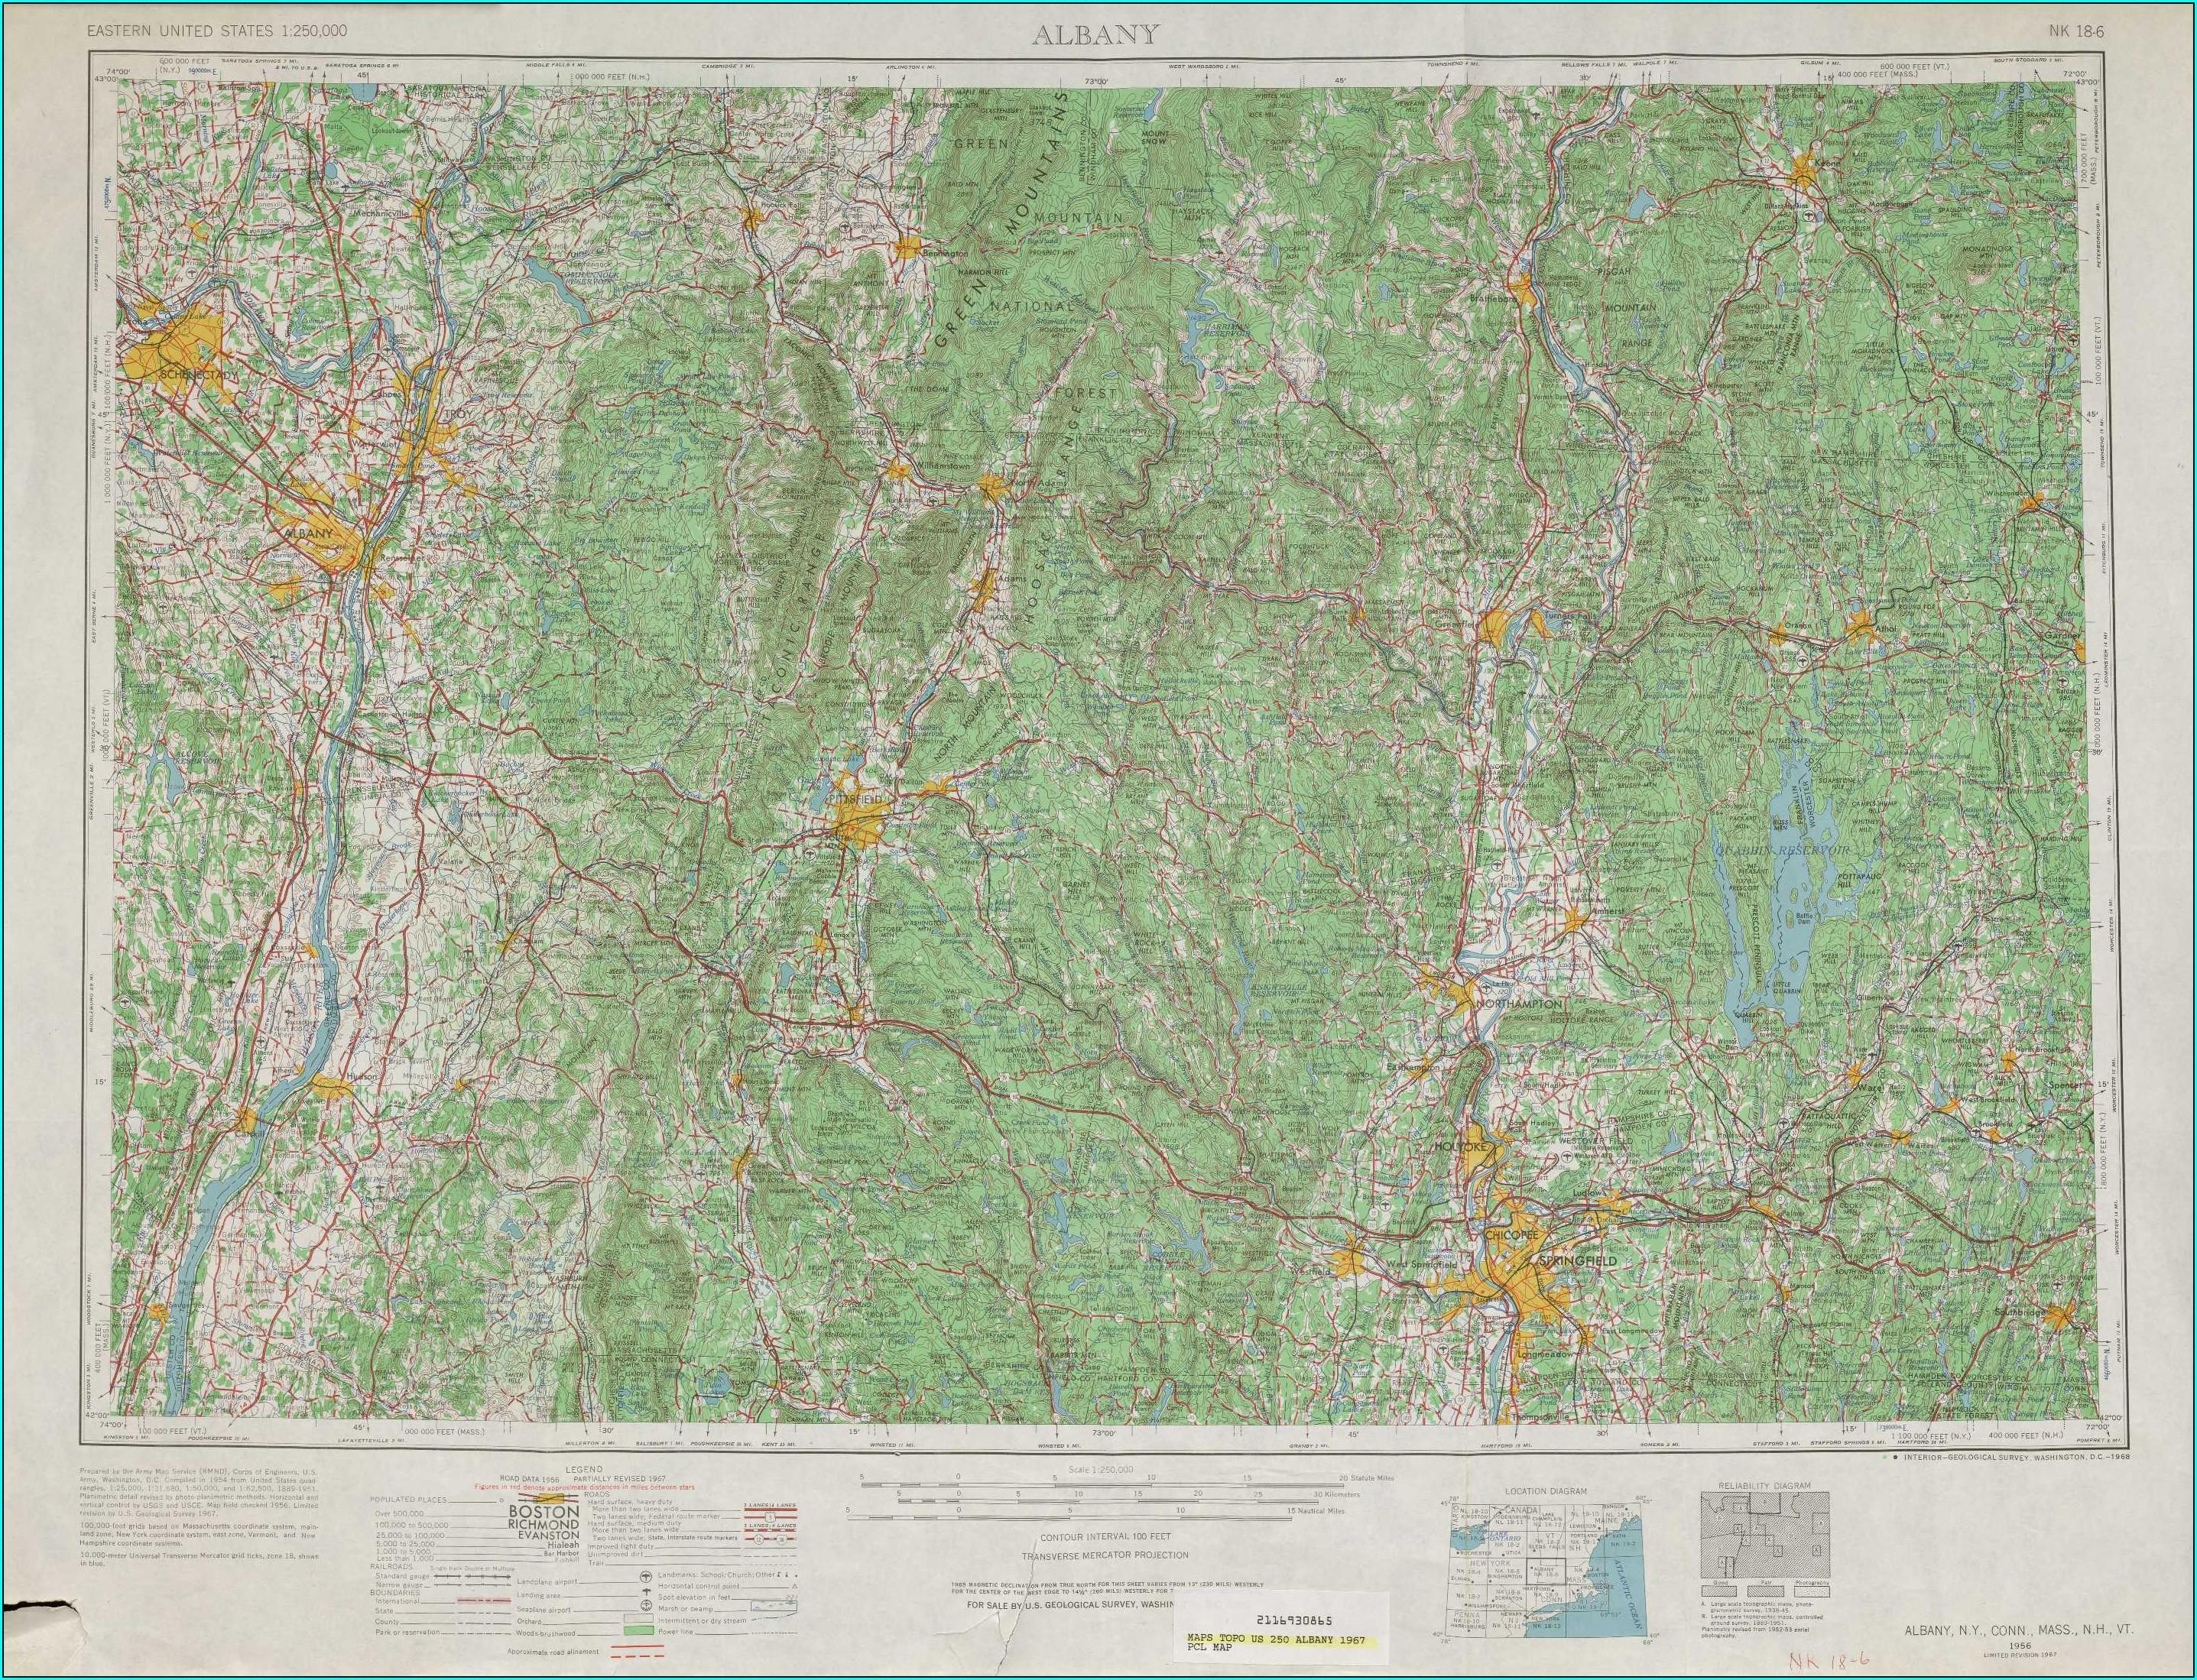 Nys Topo Maps Free